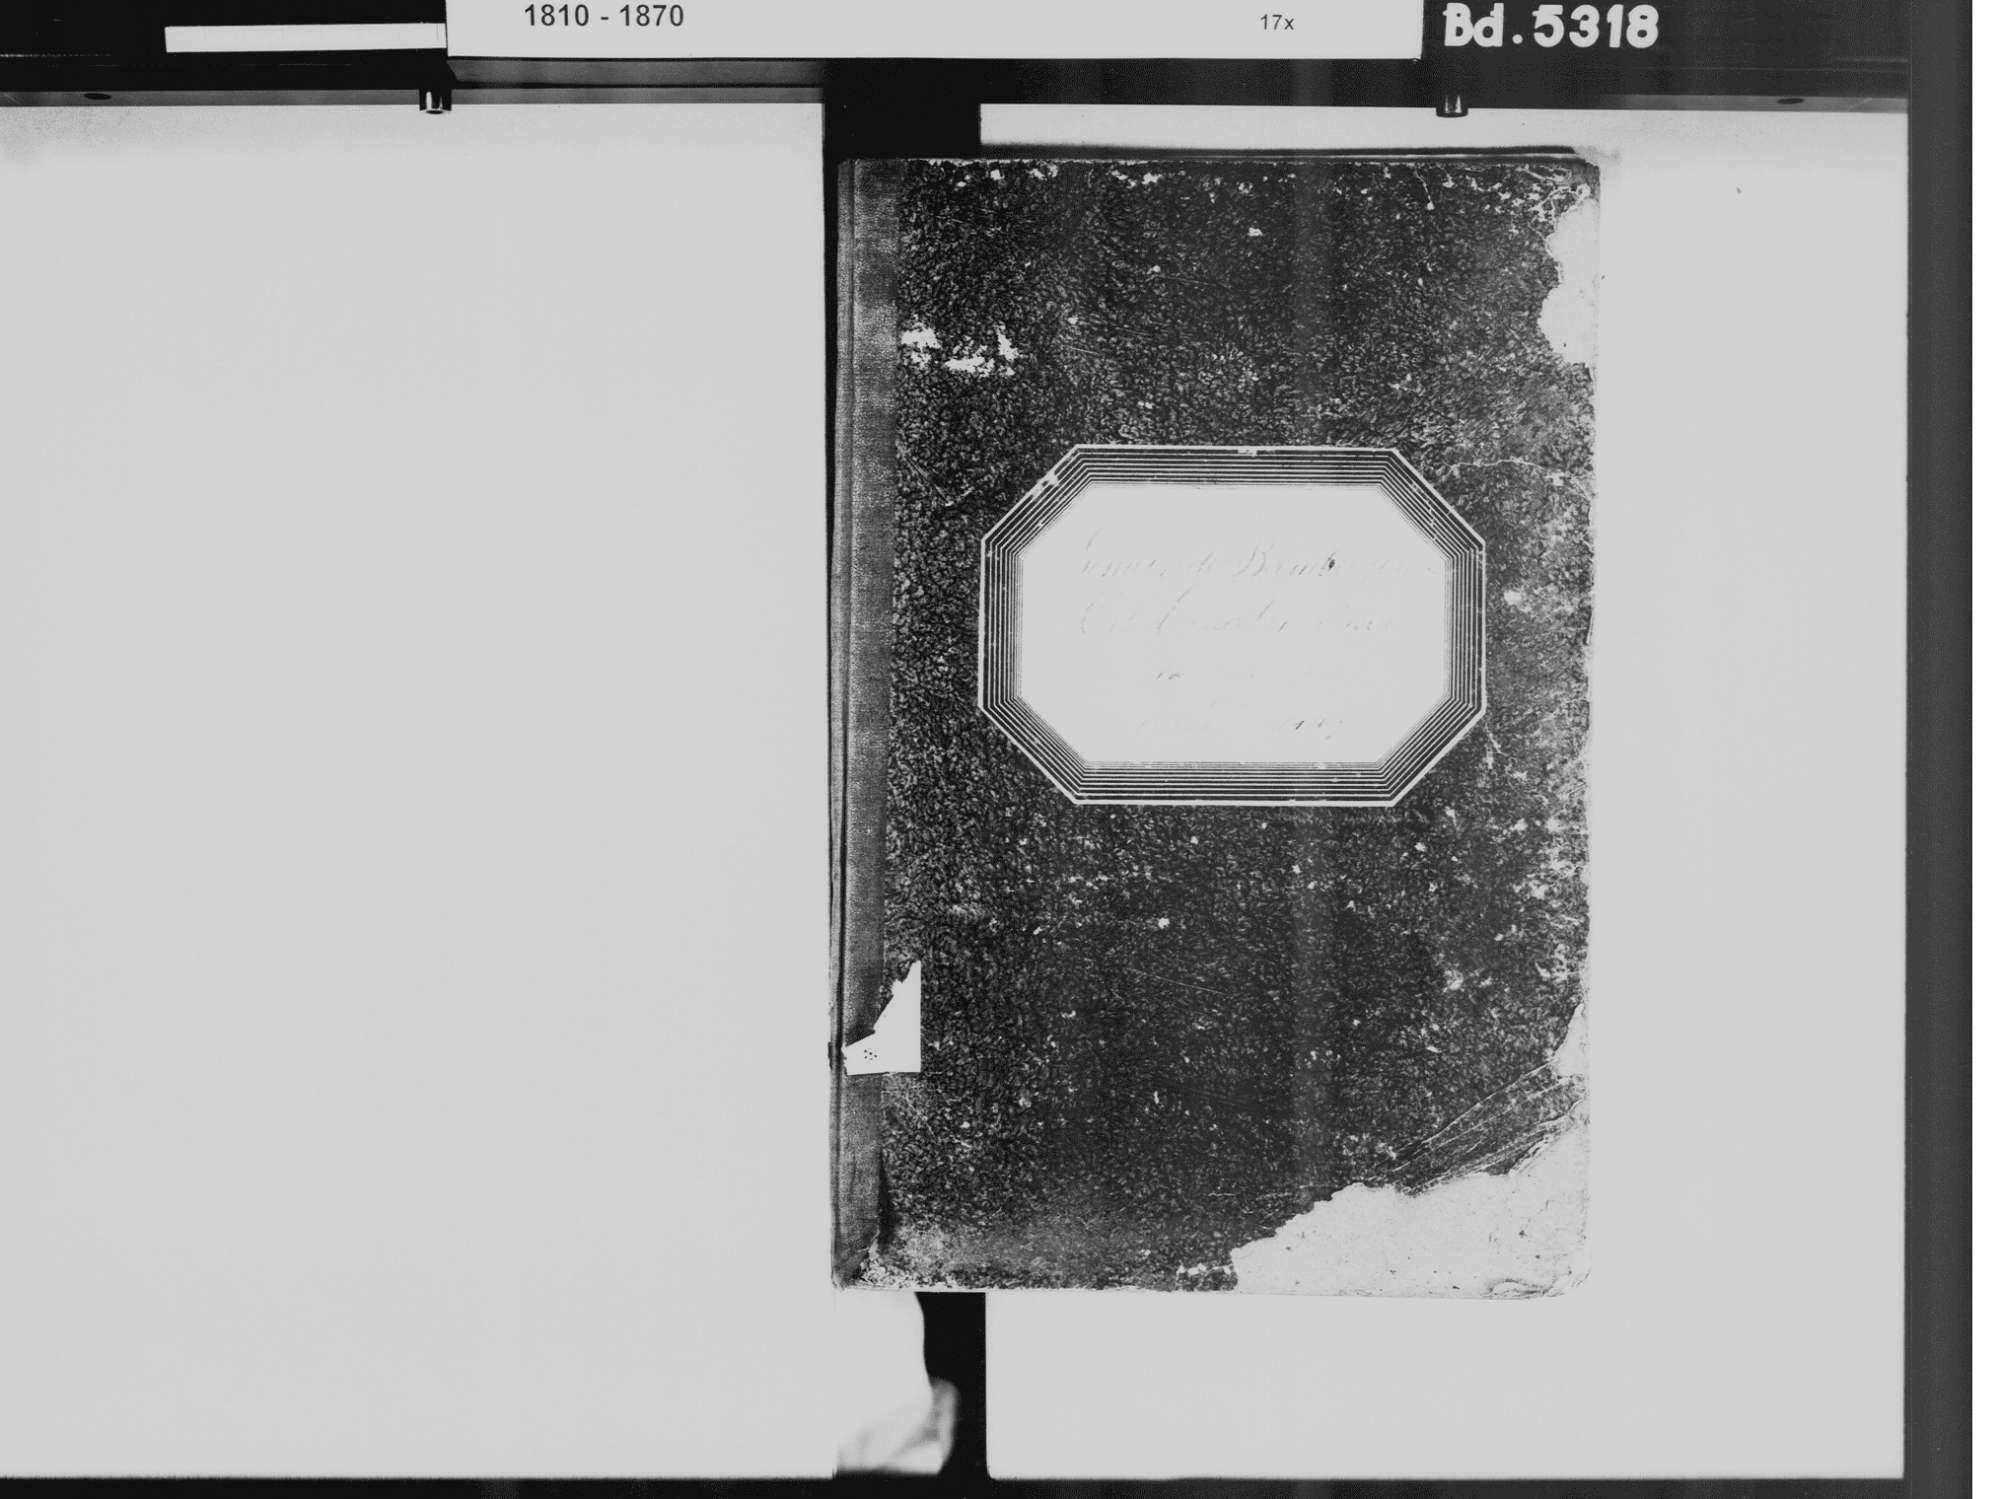 Ernatsreute, Lippertsreute, Überlingen FN; Katholische Gemeinde: Standesbuch 1866-1869, Bild 3